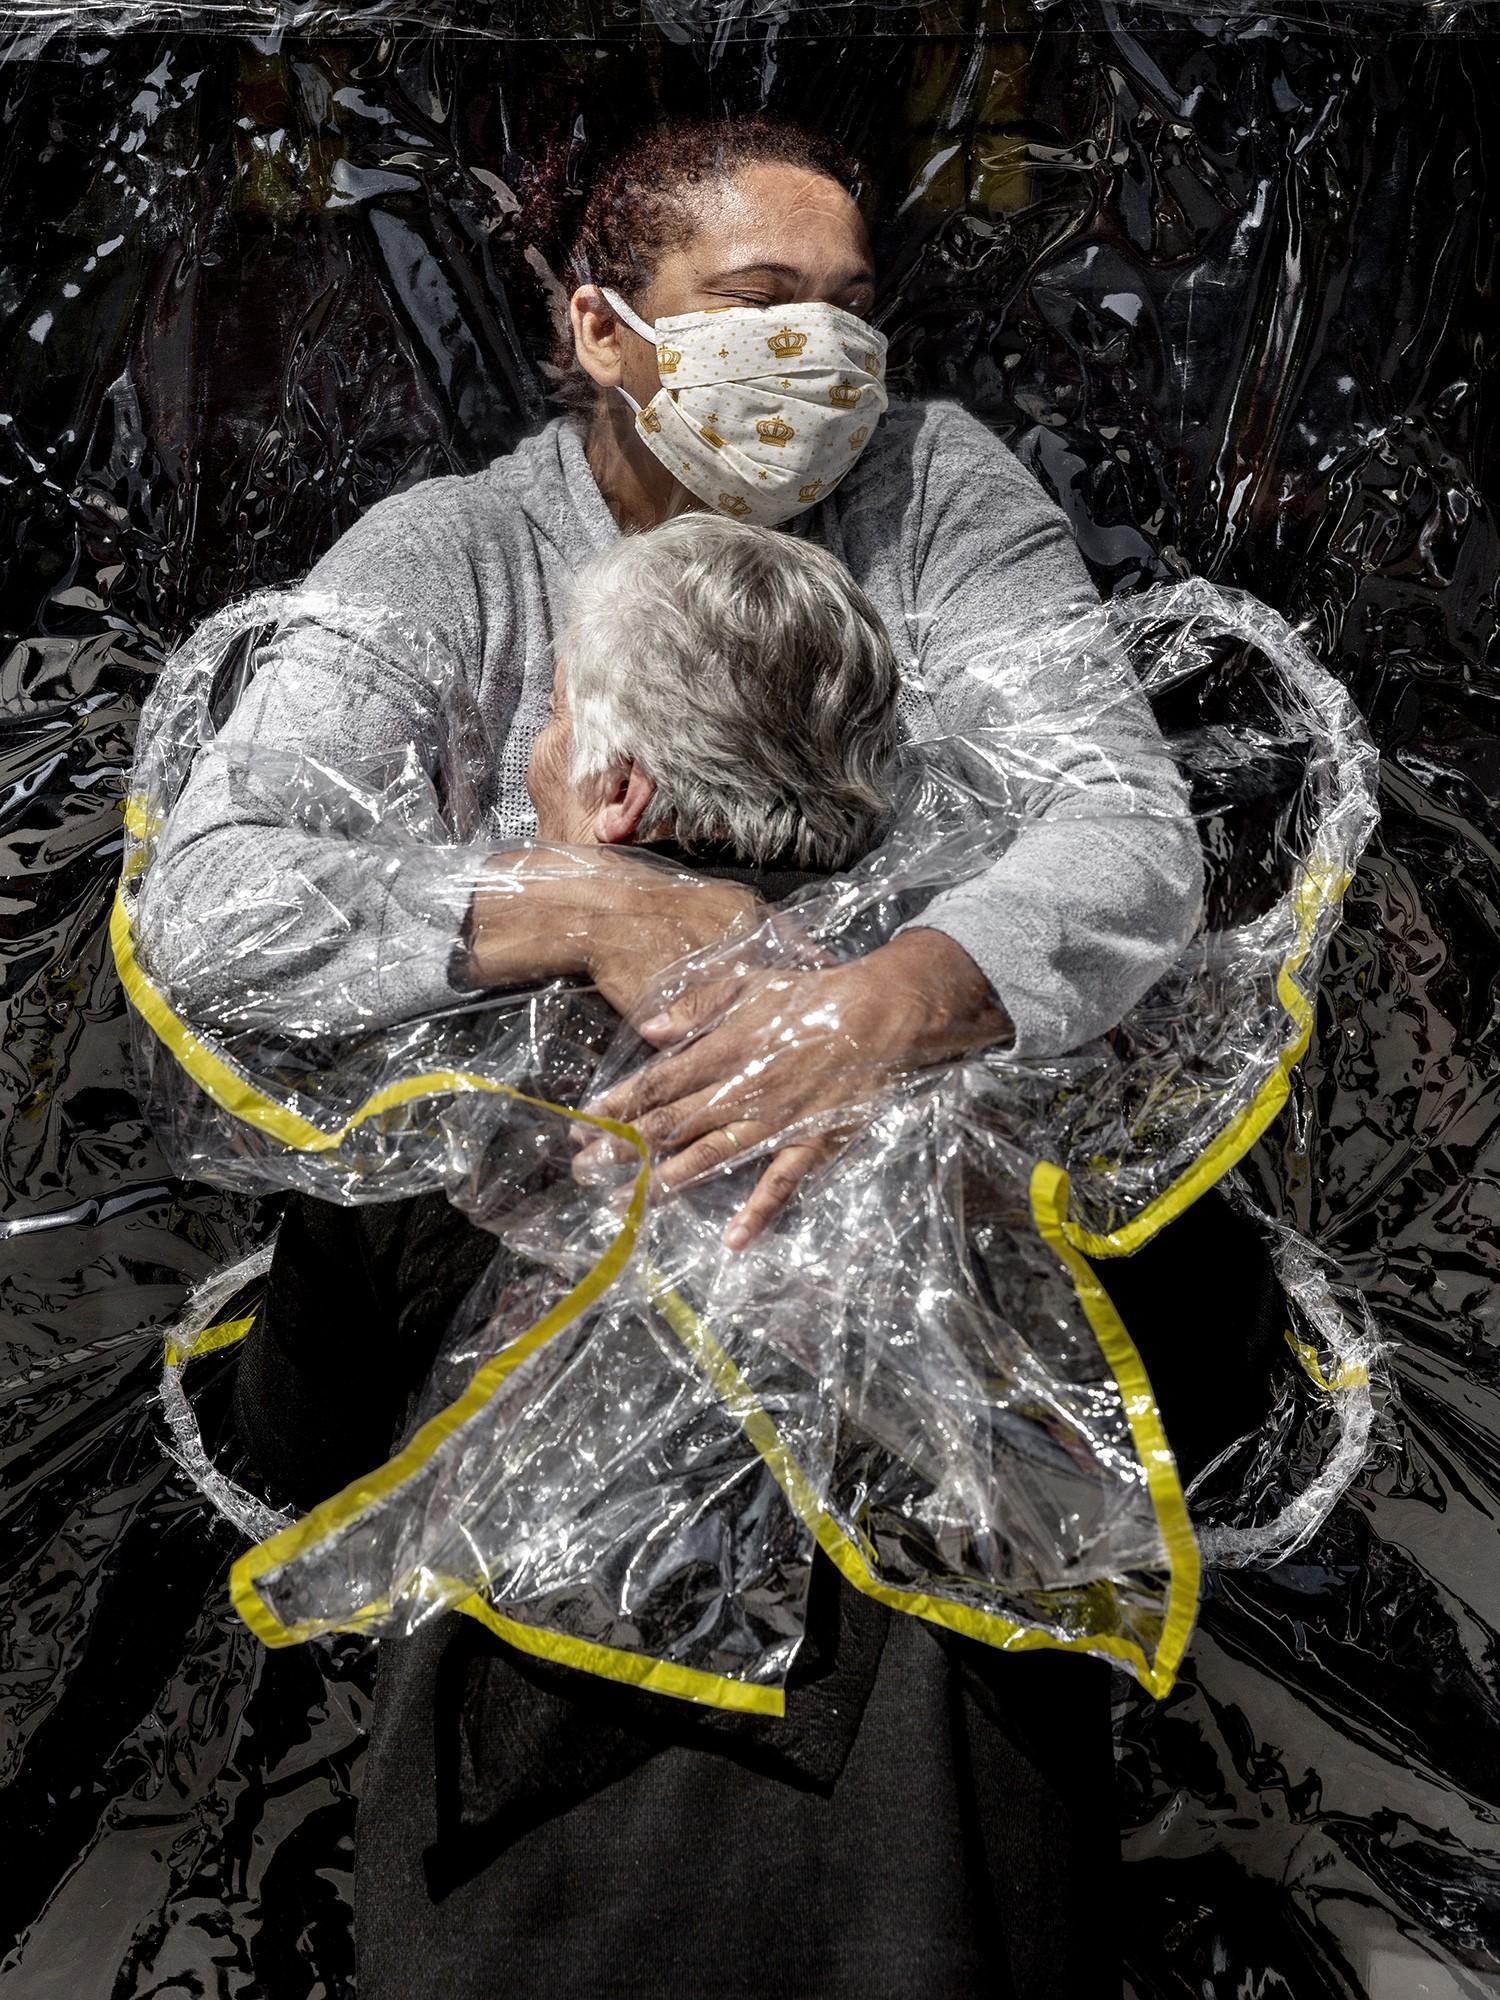 'Senti amor, gratidão e respeito', diz cuidadora que abraçou idosa durante pandemia em SP; imagem venceu World Press Photo